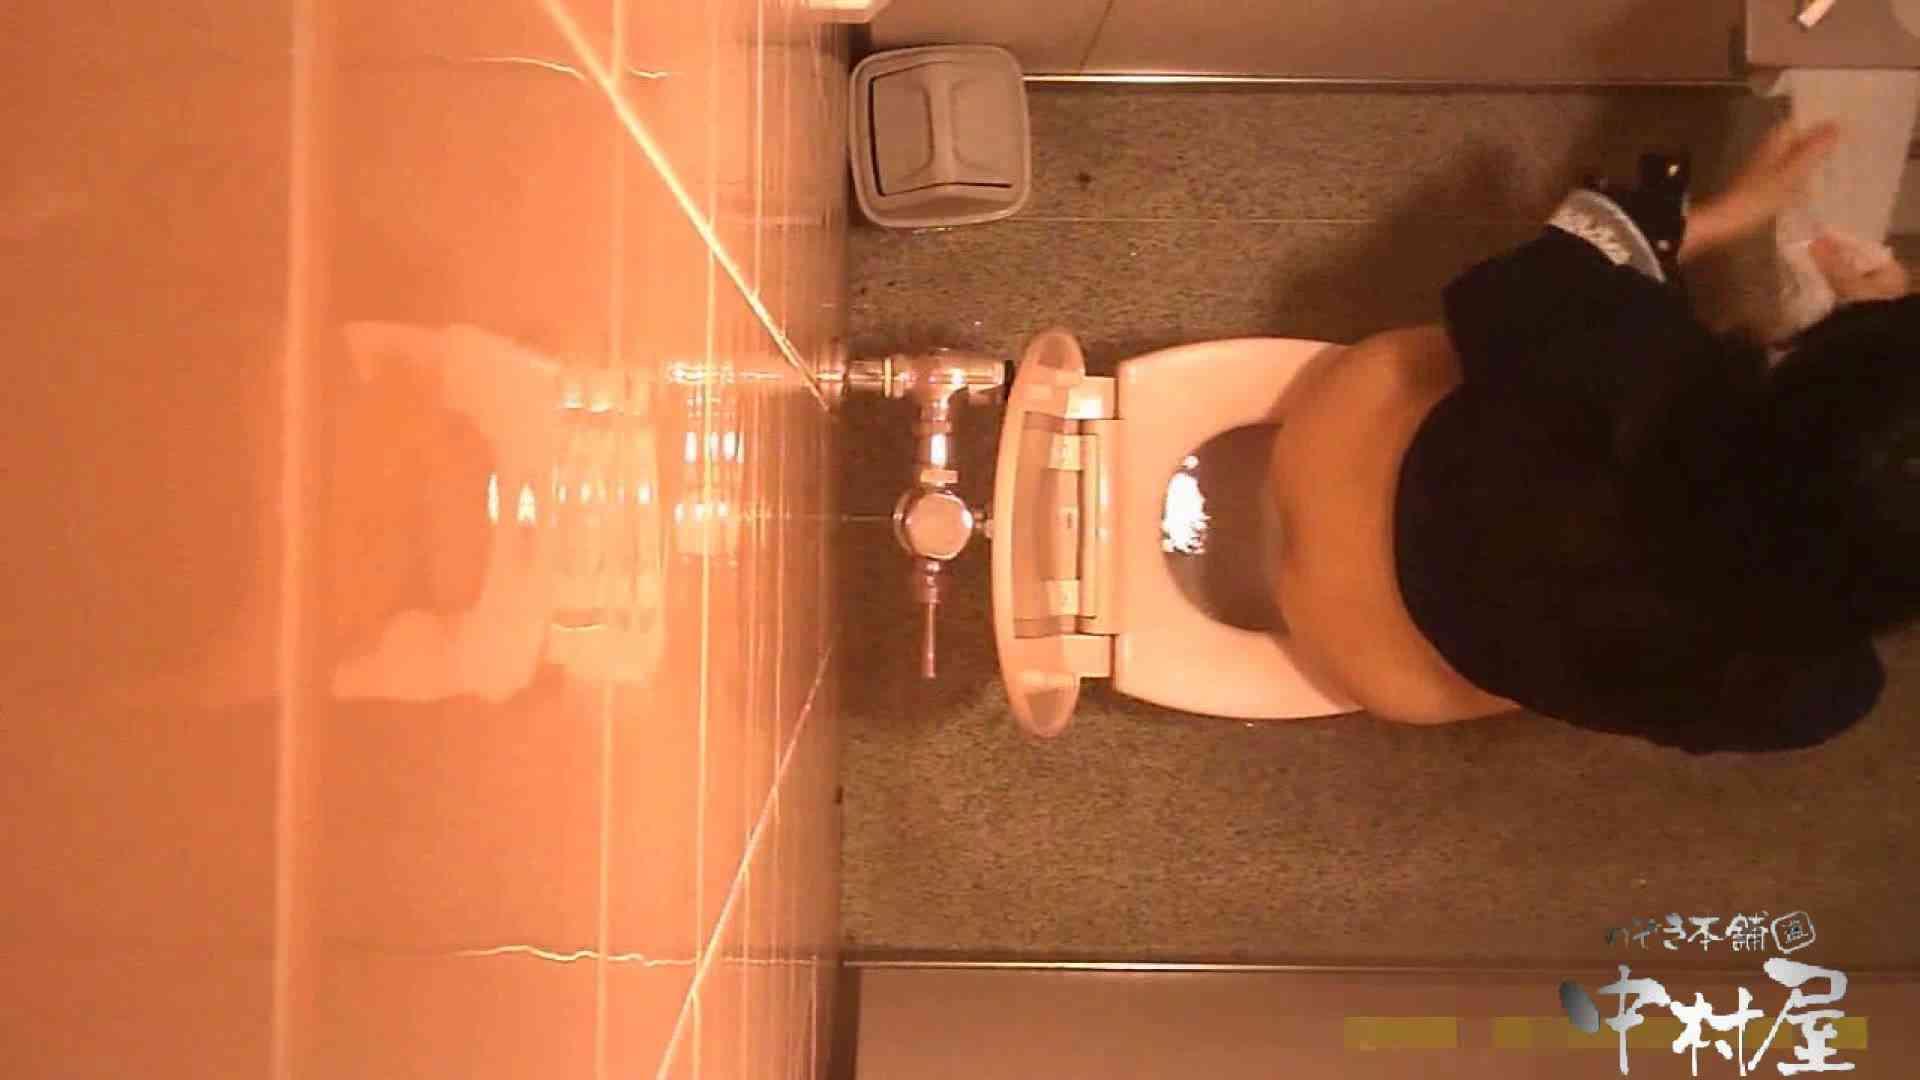 初盗撮!女盗撮師カレンさんの 潜入!女子トイレ盗撮!Vol.2 美しいOLの裸体 | 盗撮師作品  77pic 55